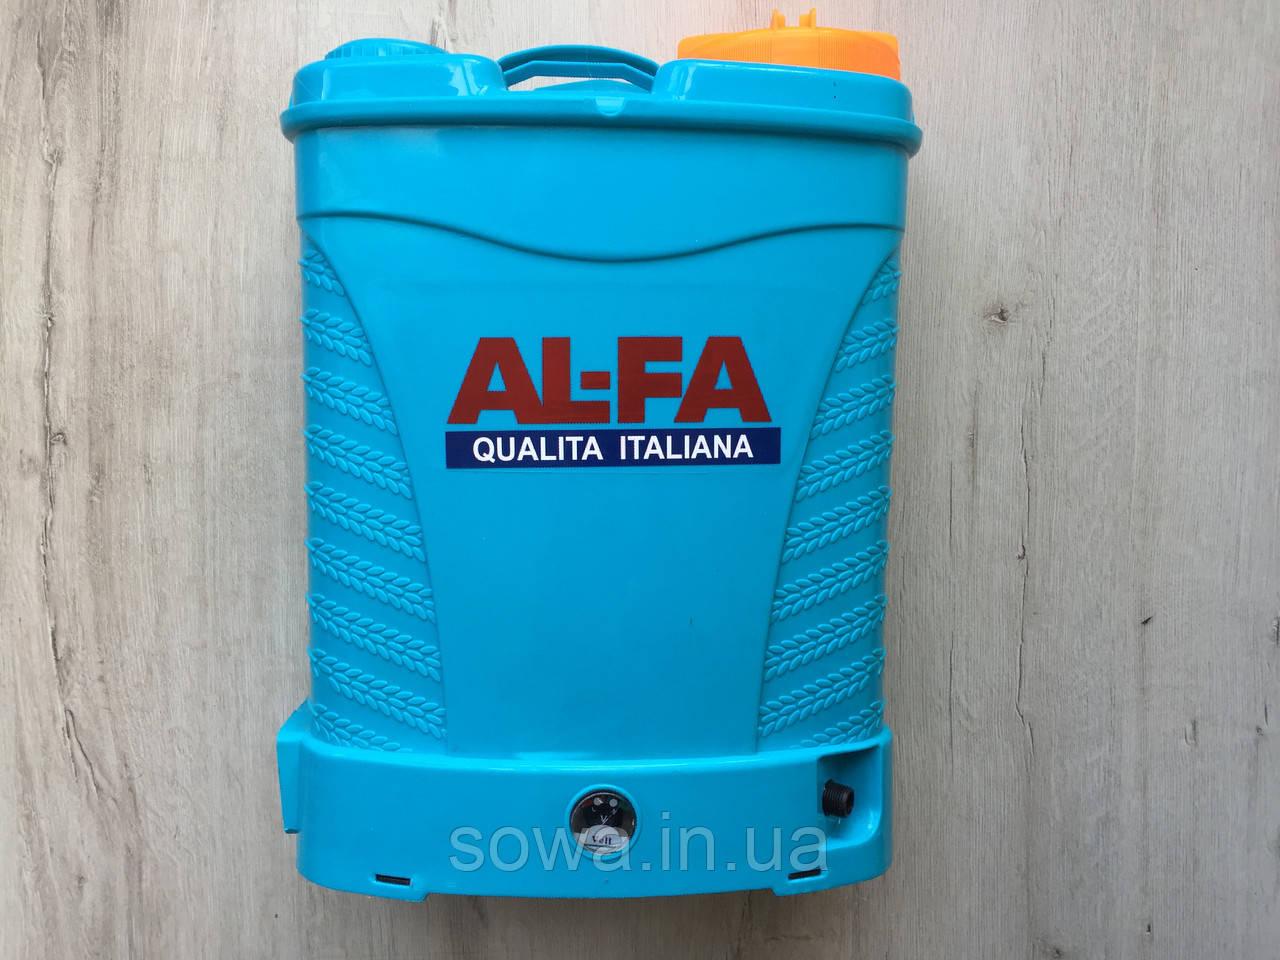 ✔️ Аккумуляторный опрыскиватель AL-FA PROFI  |  15Ah, 16L